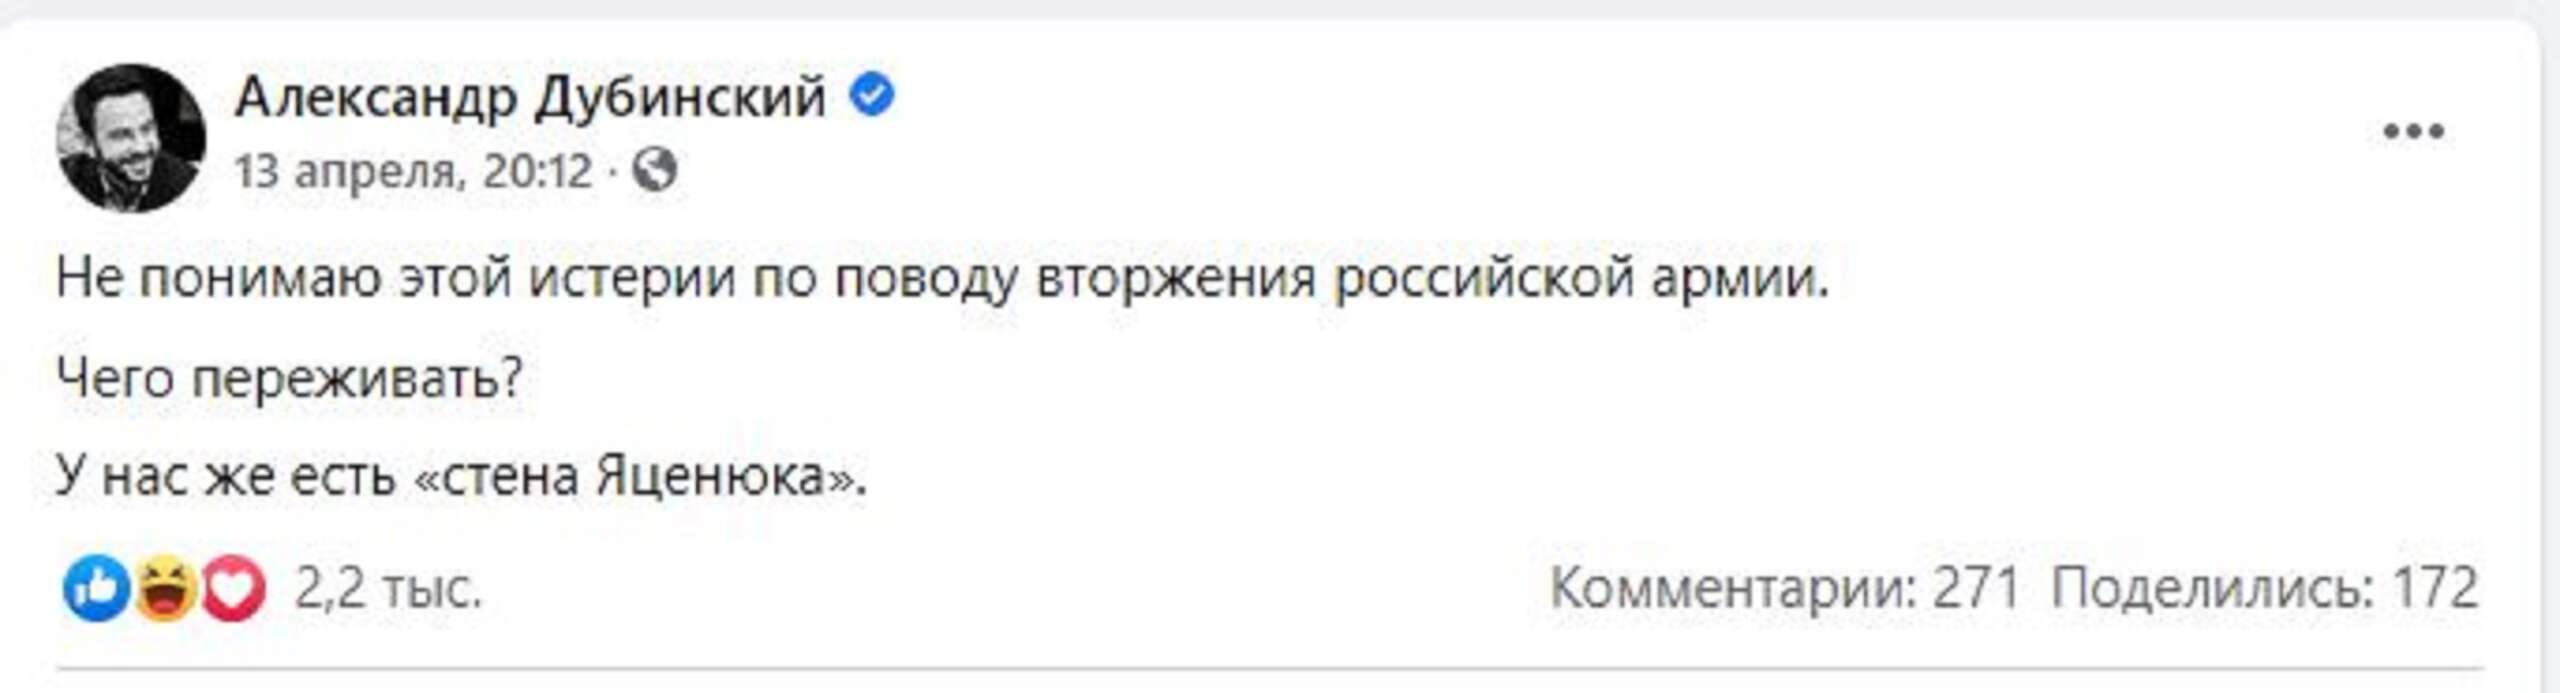 """Стена, которая """"защитит"""" от РФ: чем живет самый скандальный объект Яценюка - фото 1"""